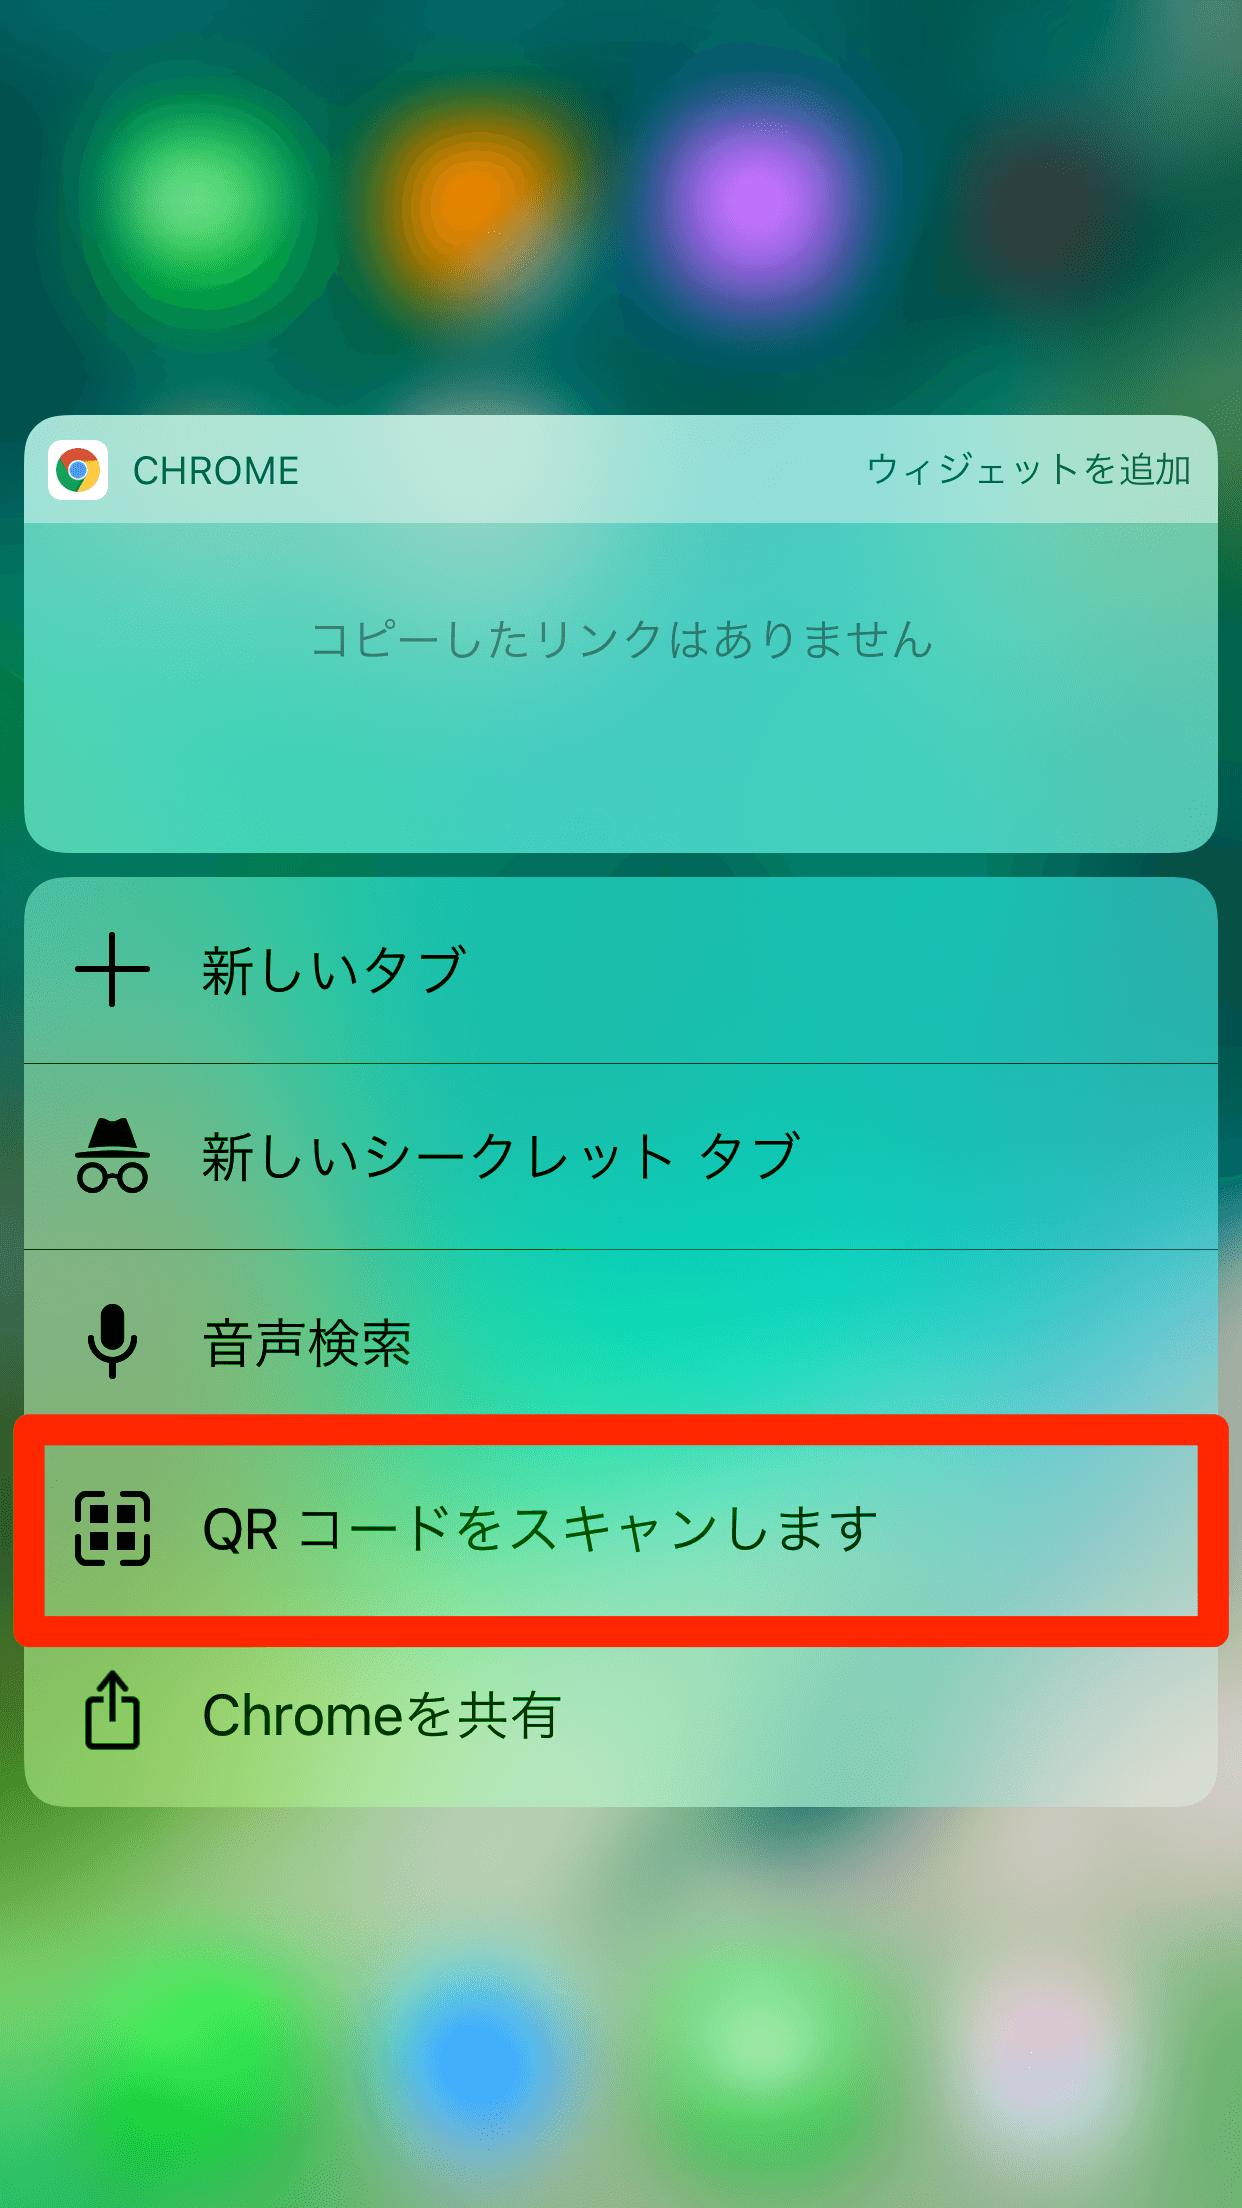 iPhoneのChromeでQRコードを読み取る